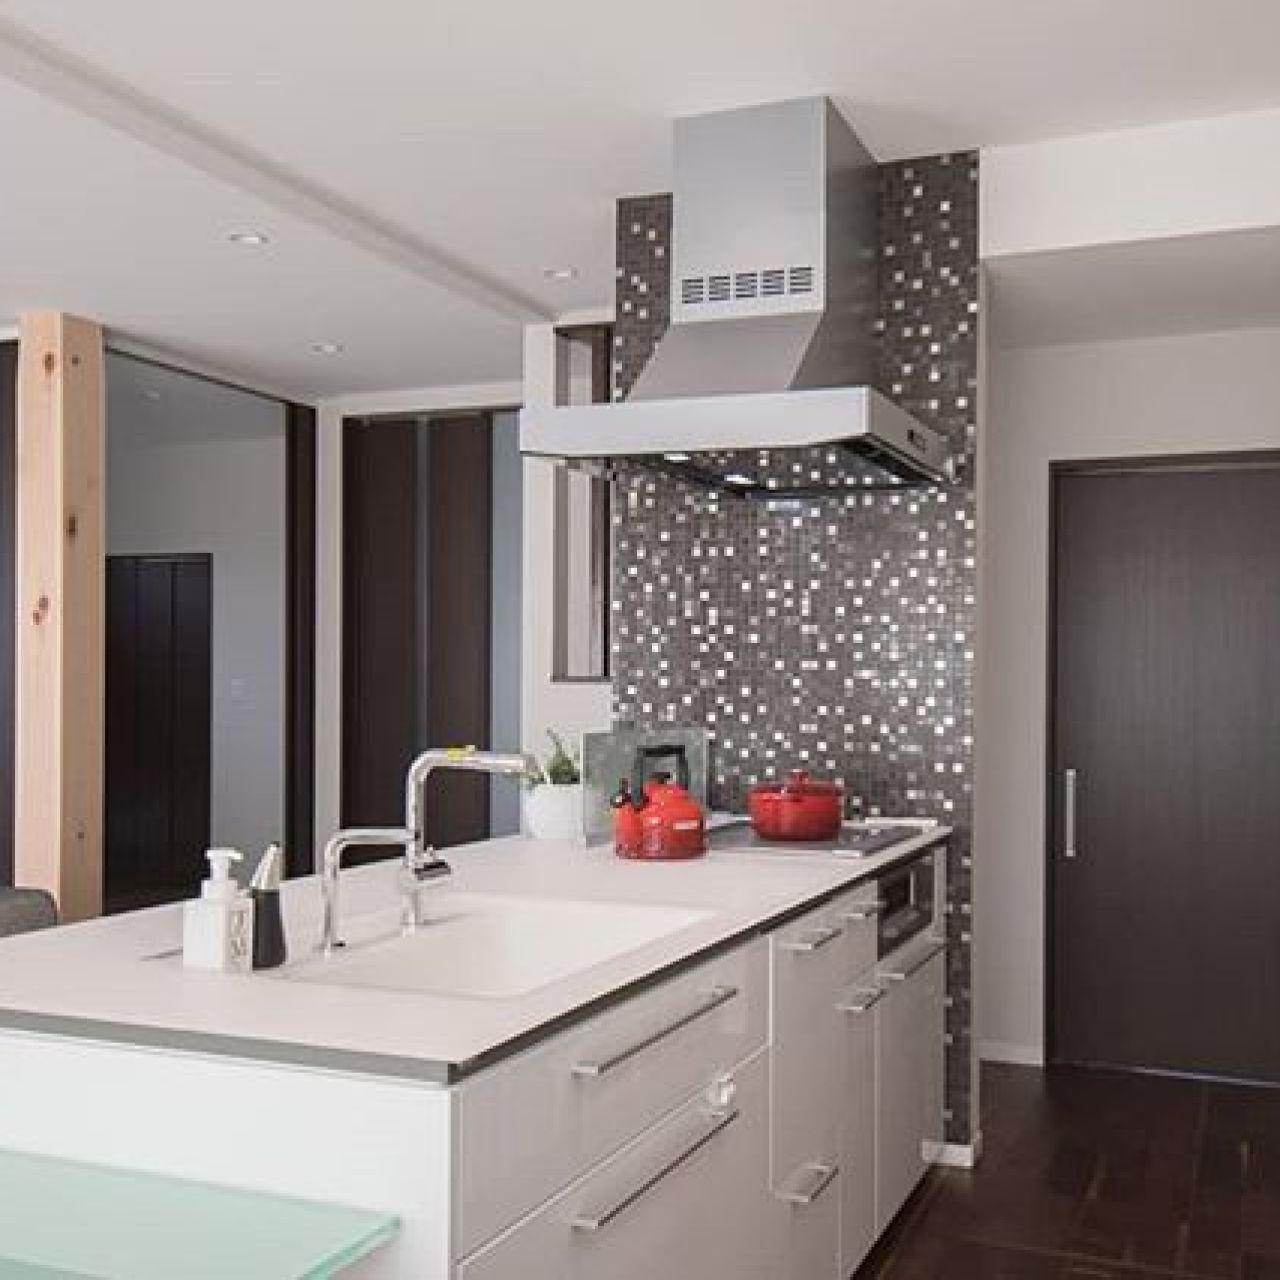 アイランドキッチンを中心に、右奥のドアから洗面脱衣室へ、左奥のドアから玄関ホールへ、玄関ホールから洗面脱衣室へつながる回遊型の導線。家事にはベストなプランです。#TOTO,#Crasso,#アイランドキッチン,#モザイクタイル,#エコカラット,#30帖大,#高い天井好き